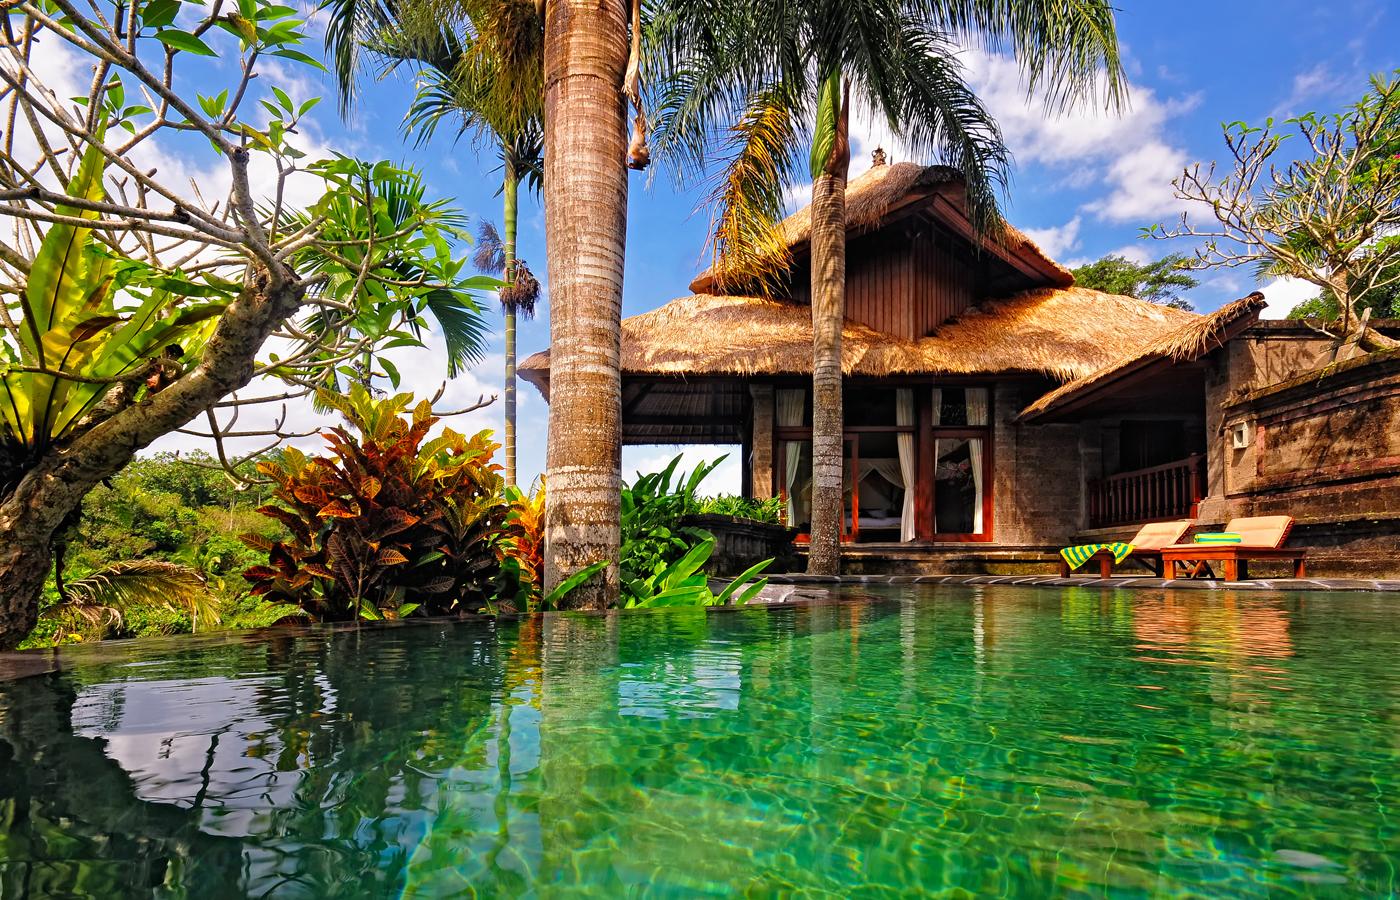 Покажи картинки острова бали